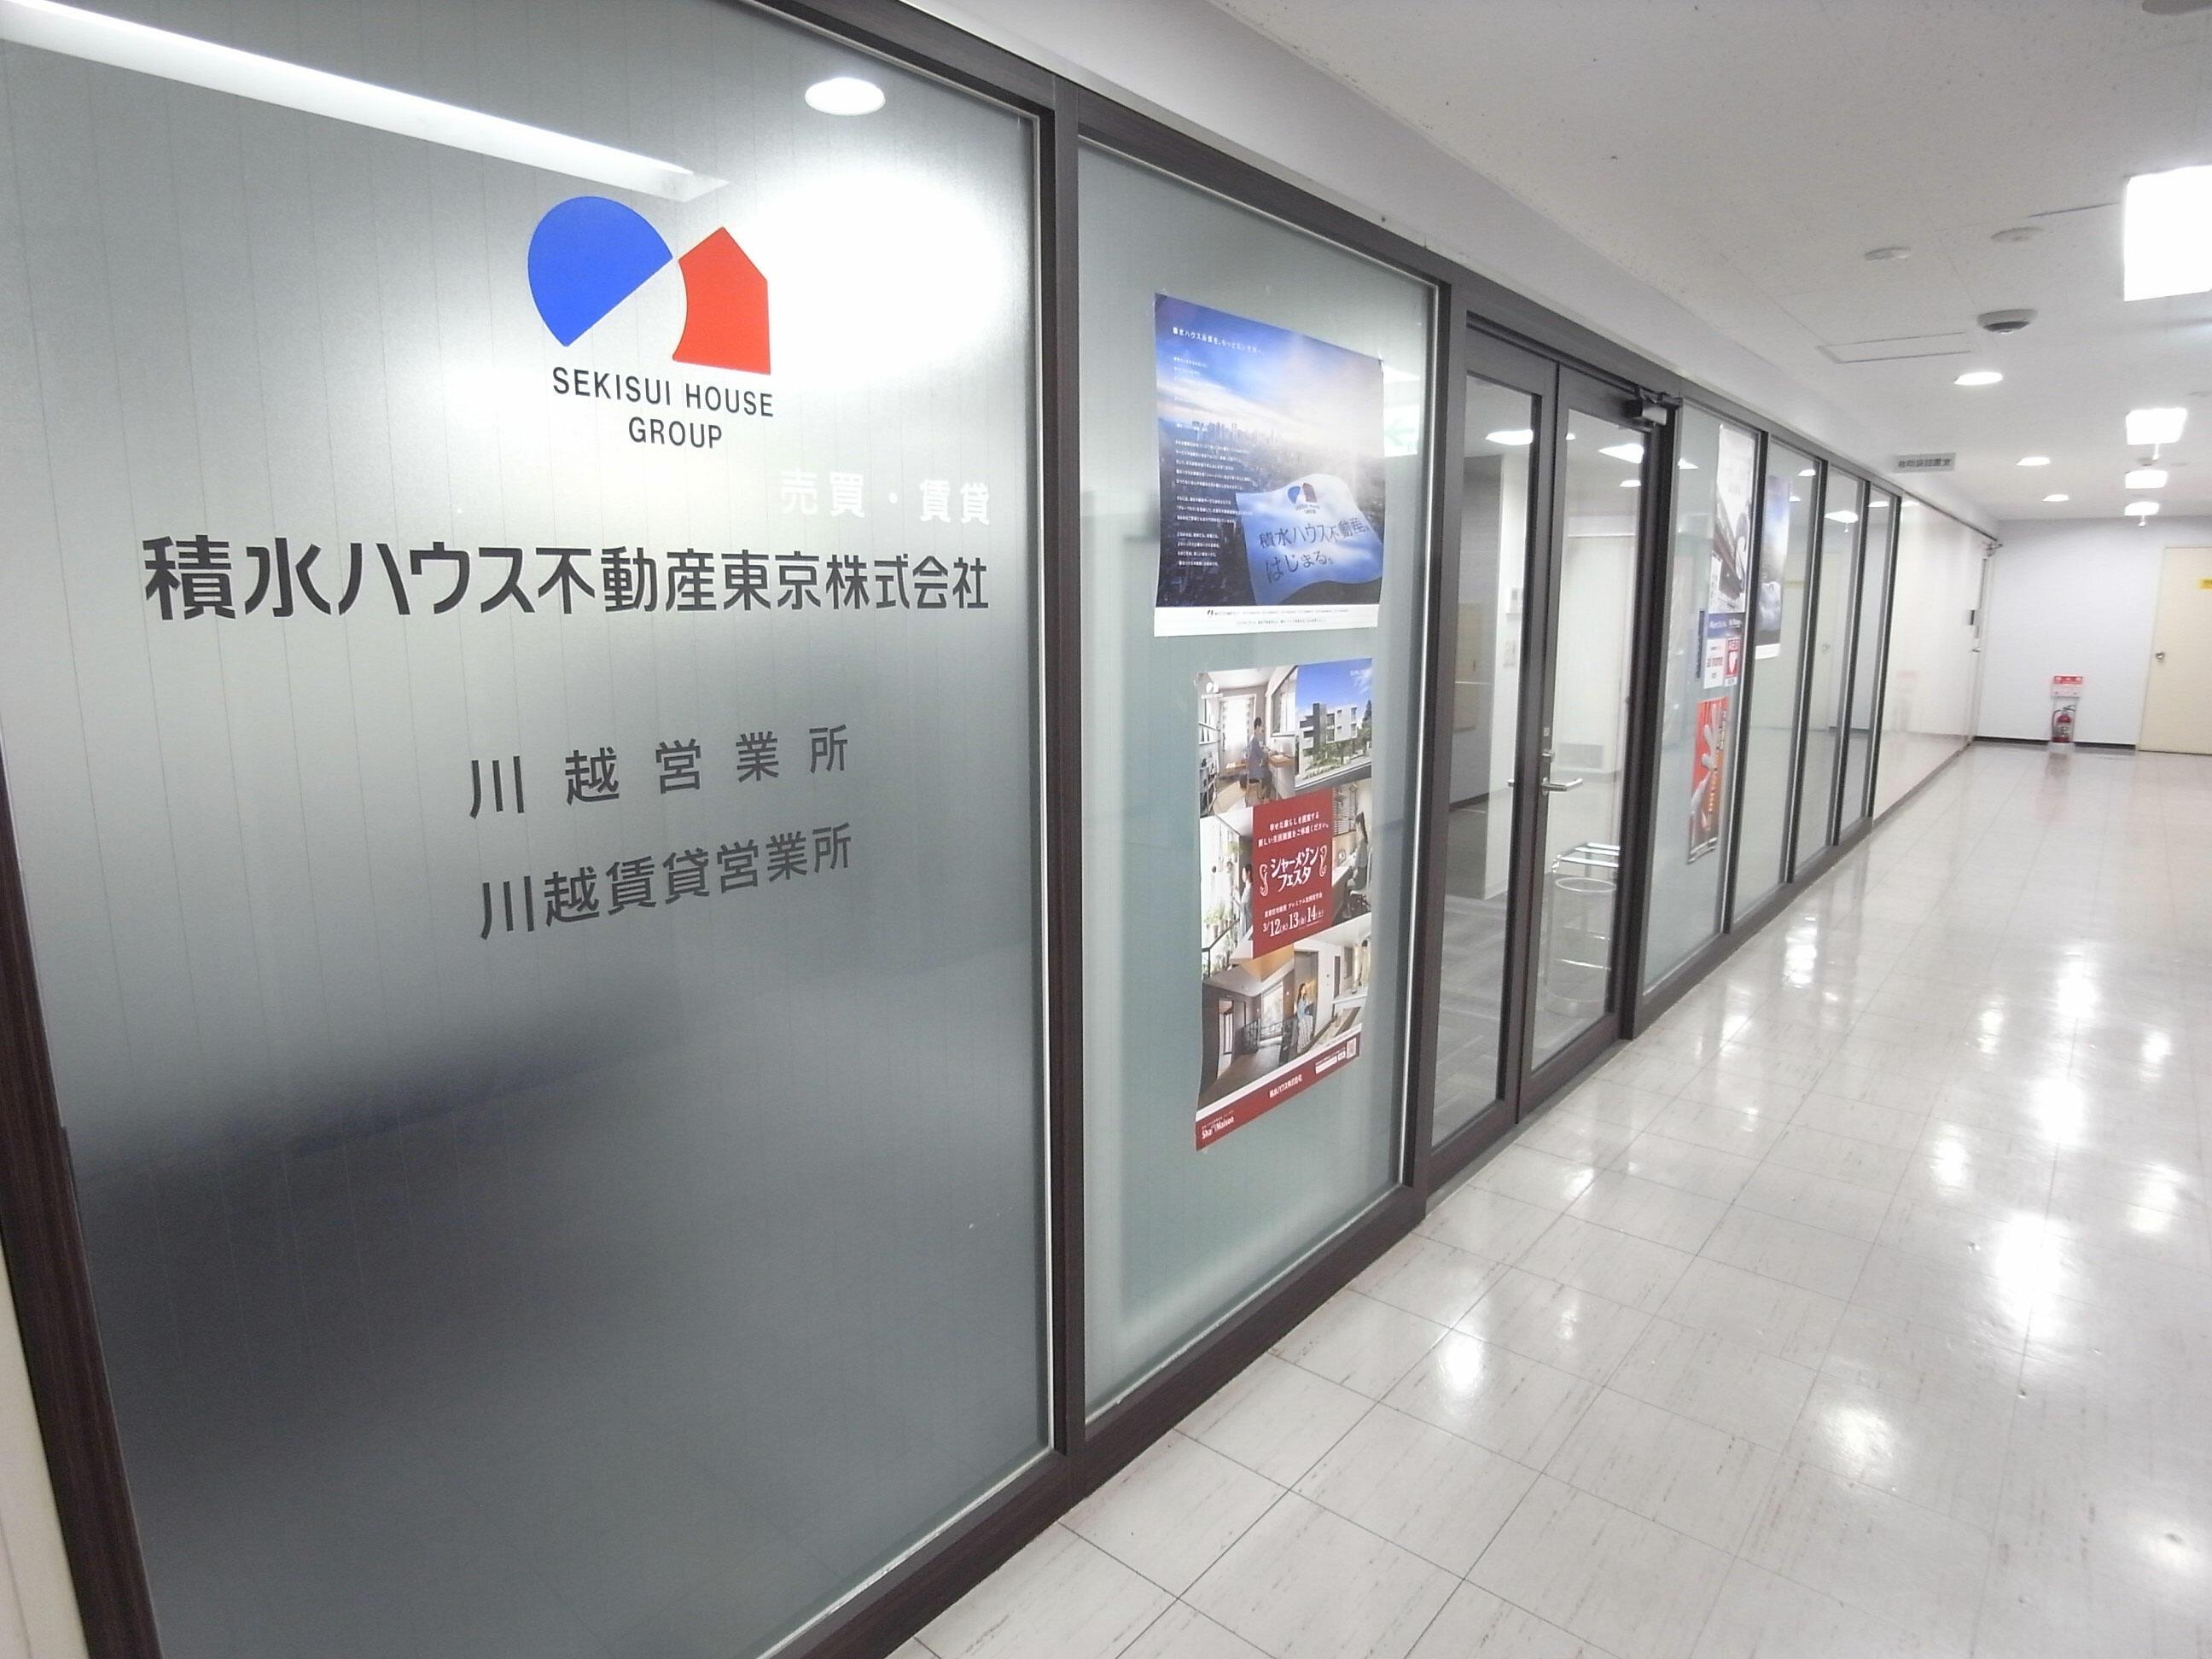 ハウス 東京 積水 不動産 お客様情報保護方針|積水ハウス不動産東京株式会社